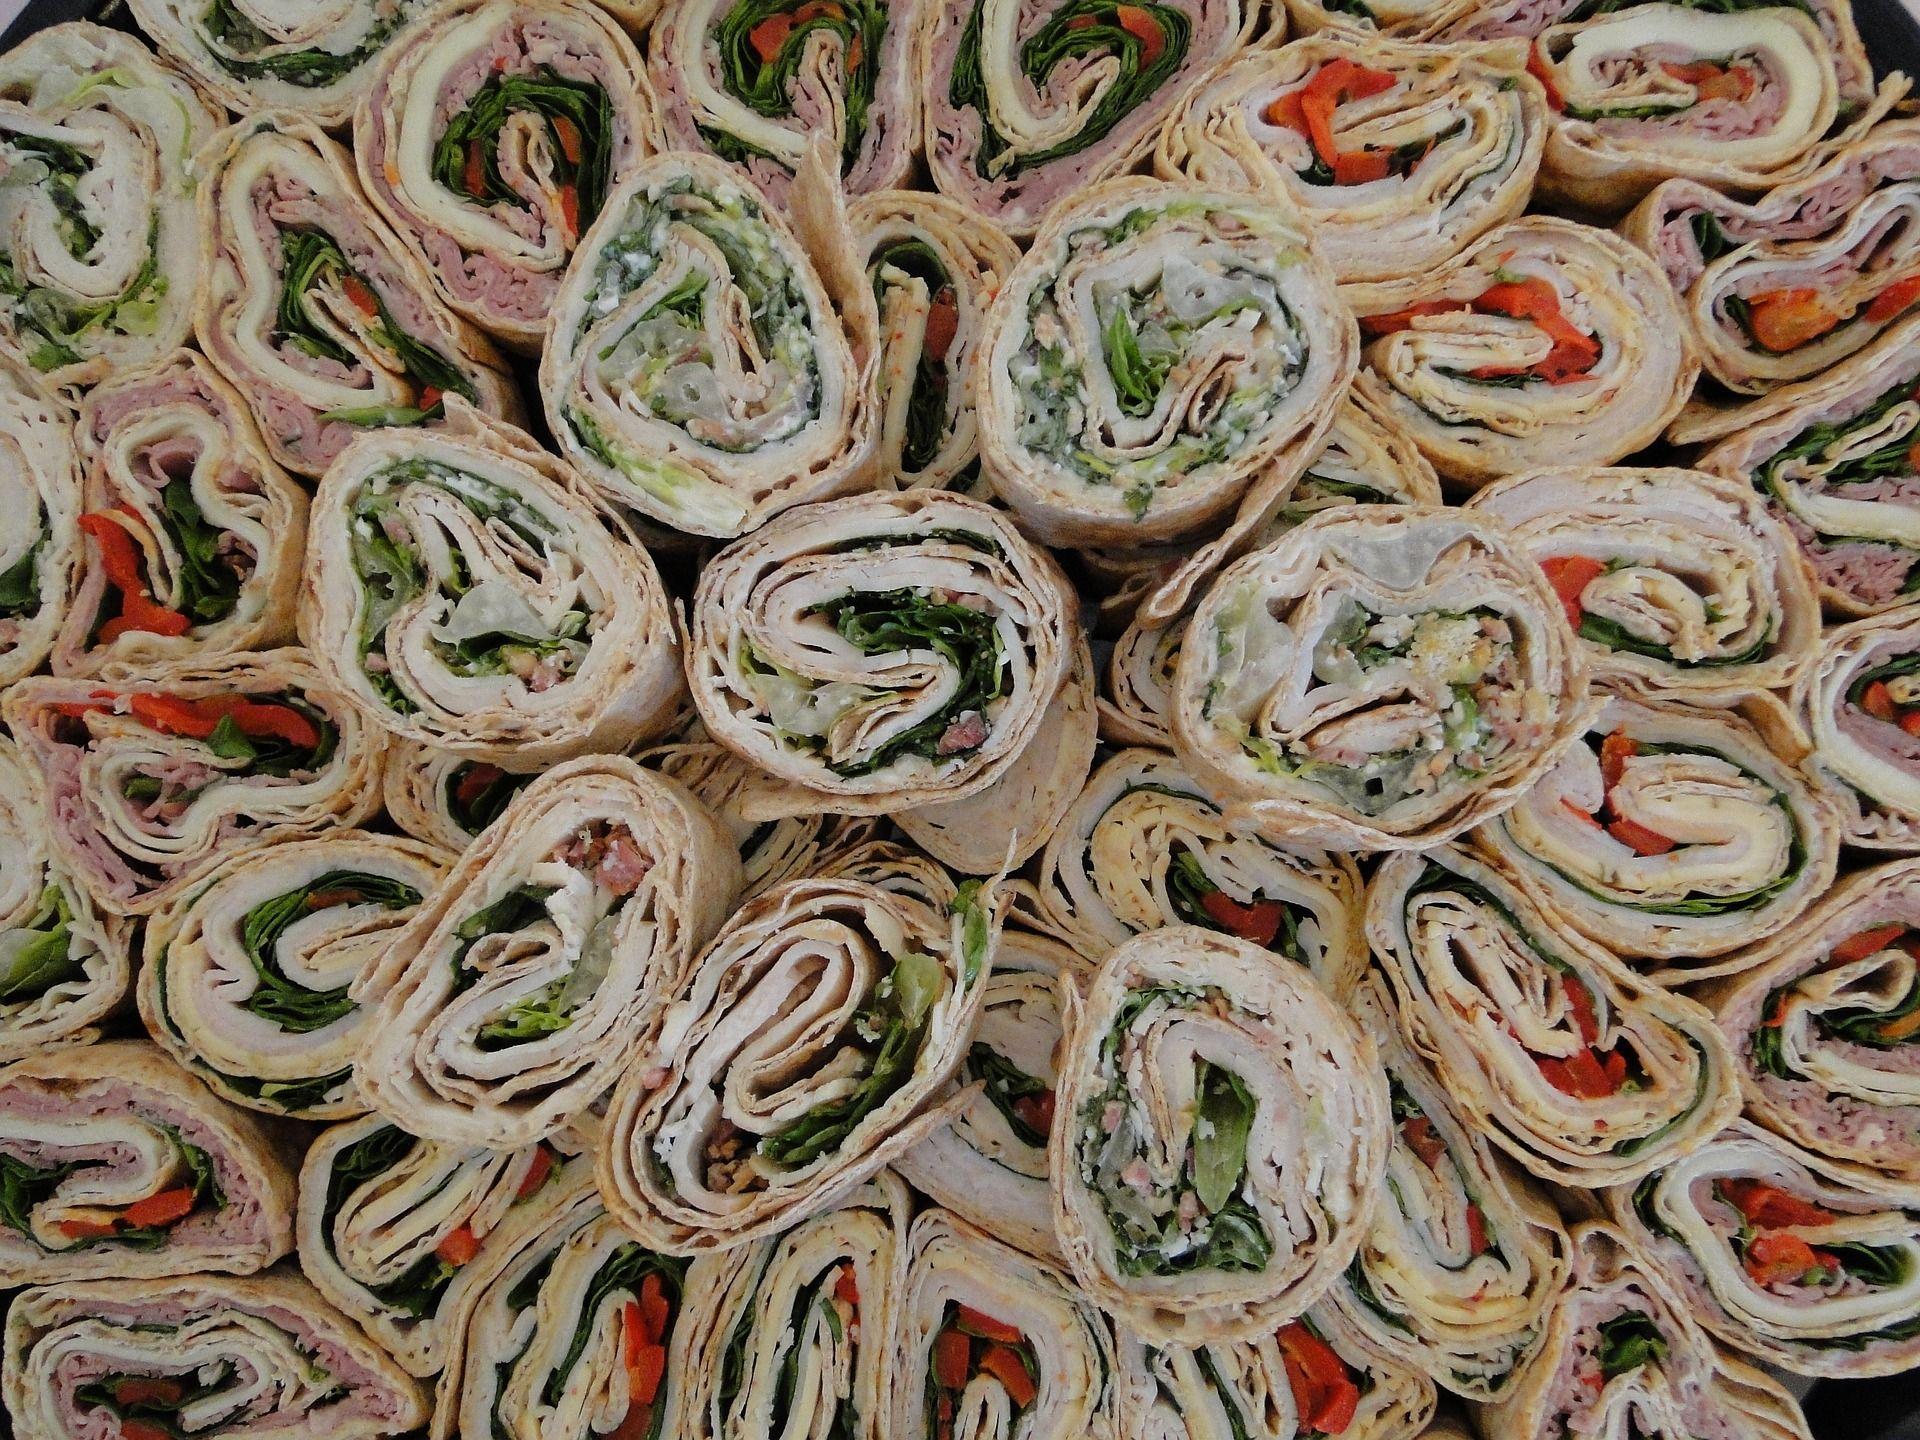 wraps-1170195_1920